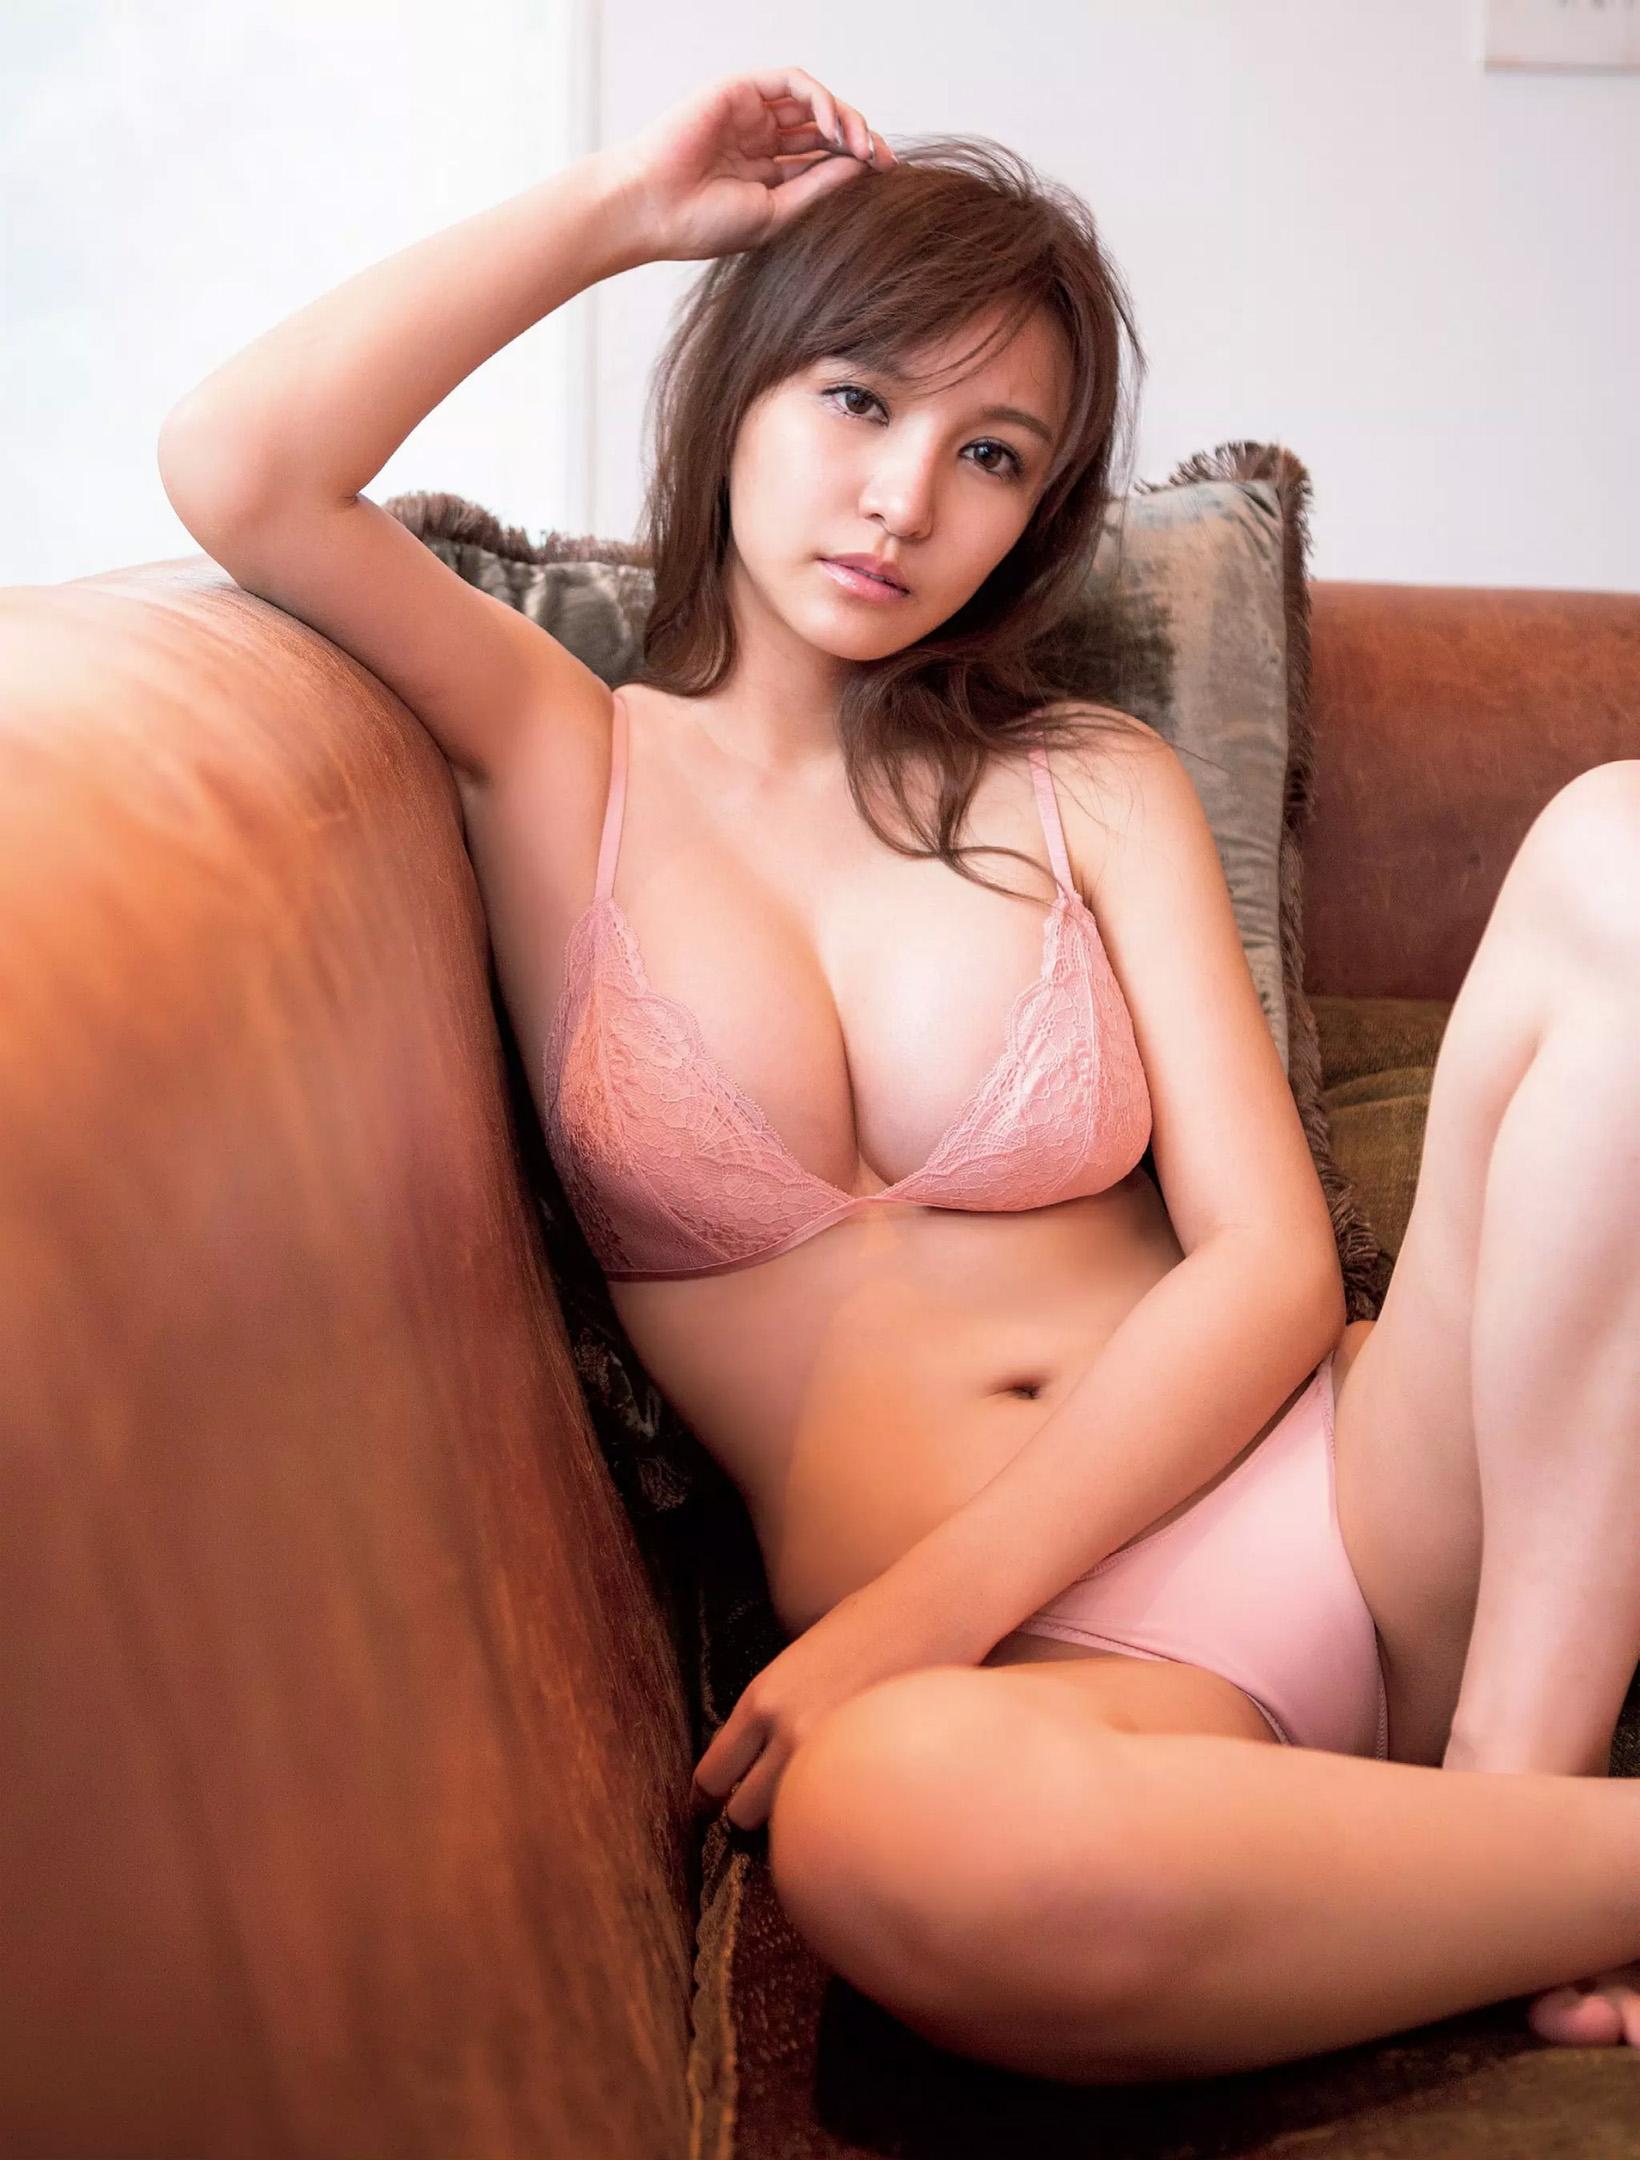 【顔重視】思わず保存した美人画像 23【非エロ】 [無断転載禁止]©bbspink.comYouTube動画>2本 ->画像>1092枚